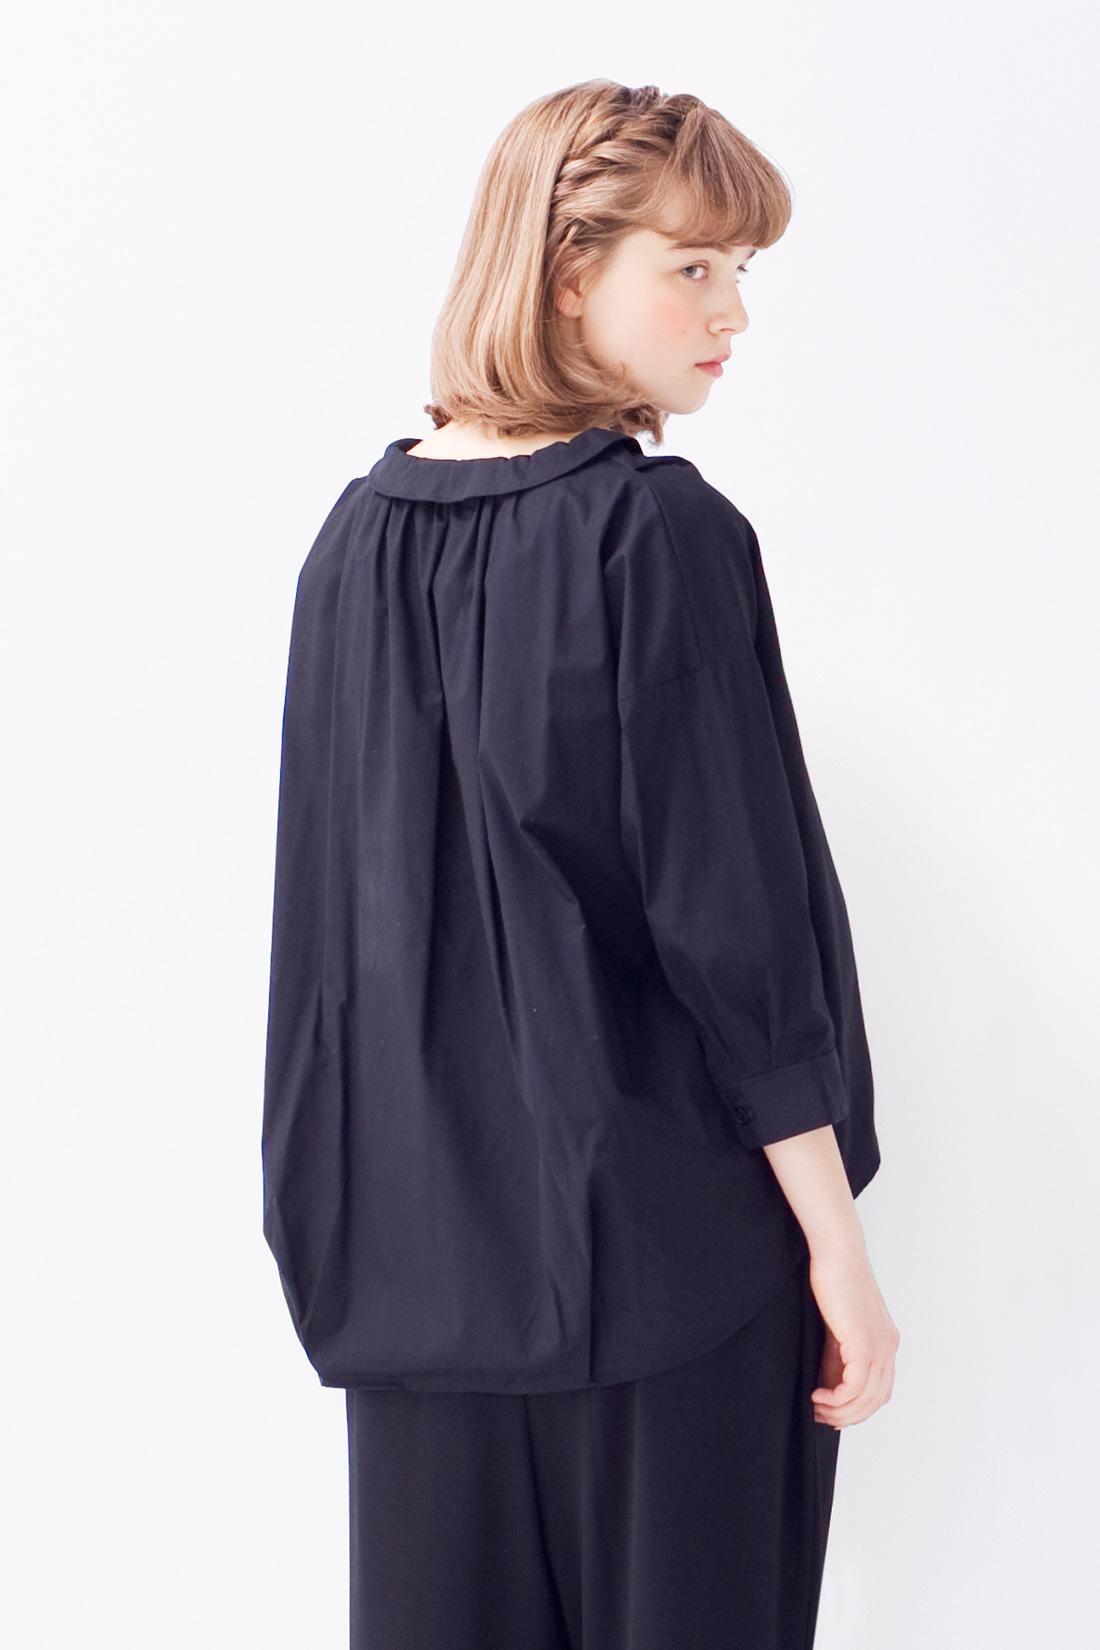 [衿の形がポイント。]後ろに下がり気味の、衿の形がリラックスムード。